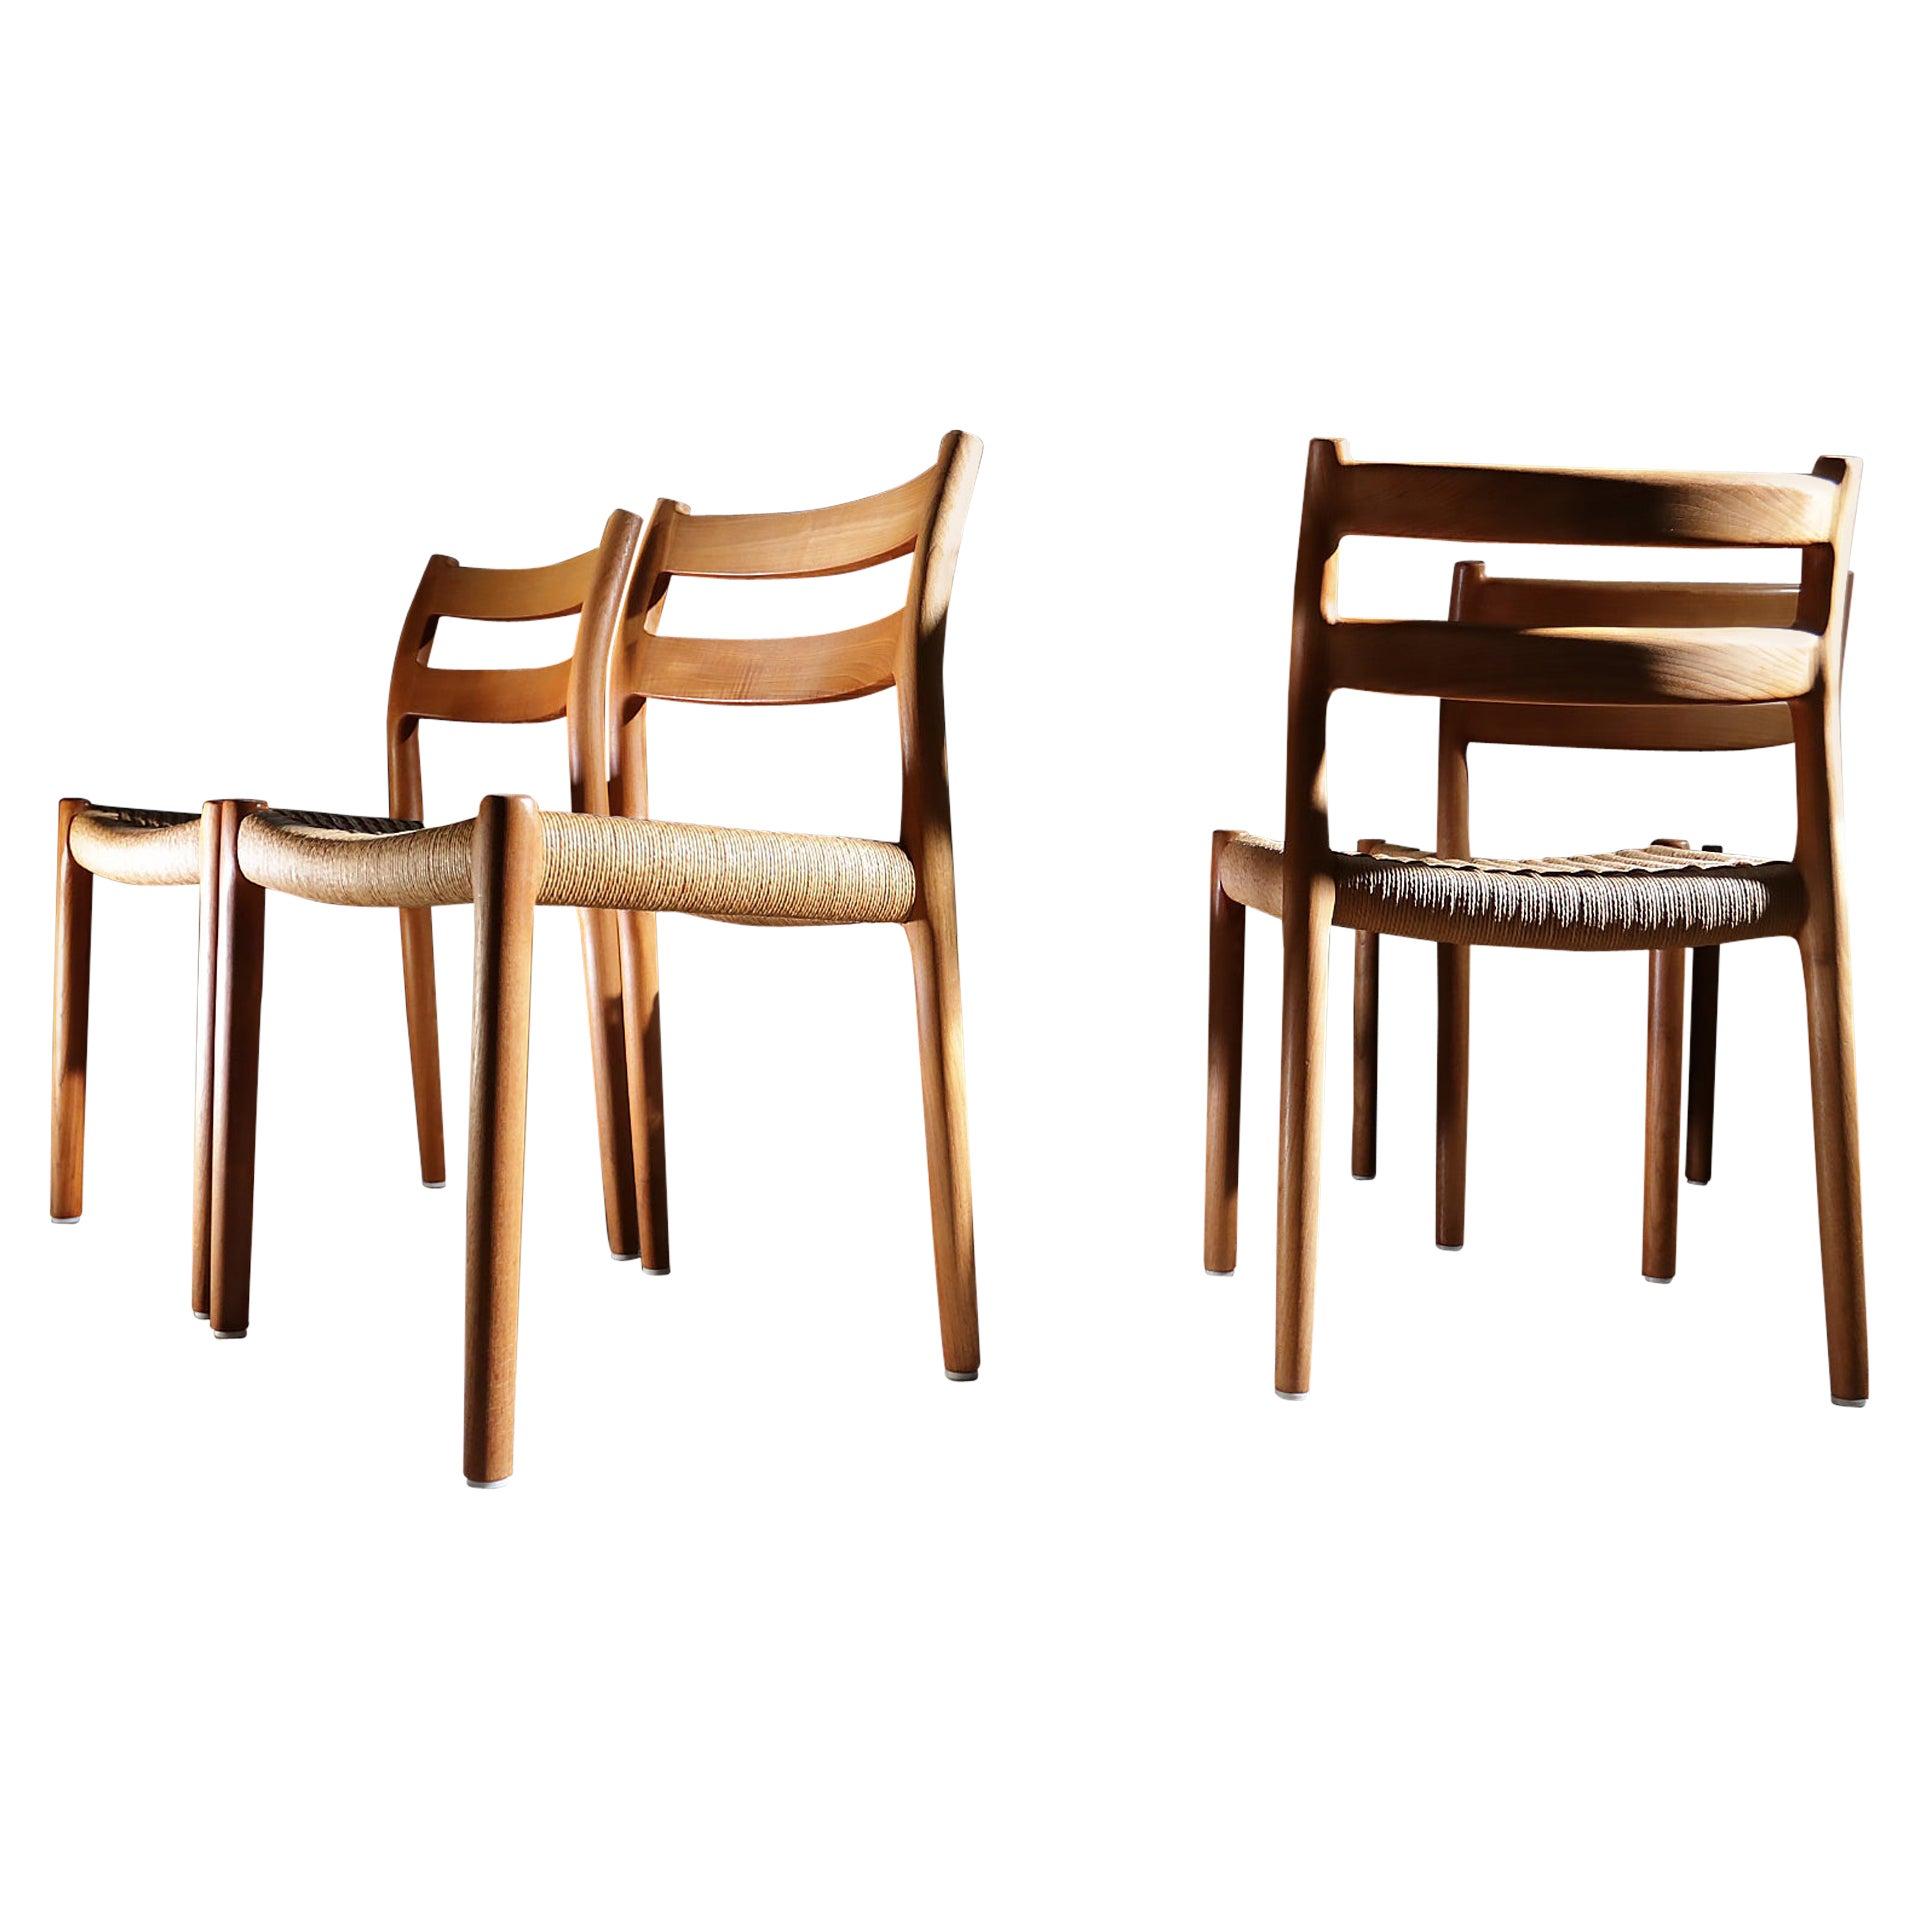 Niels O. Møller Model 84 Teak Dining Chair for J.L. Møllers, 1976